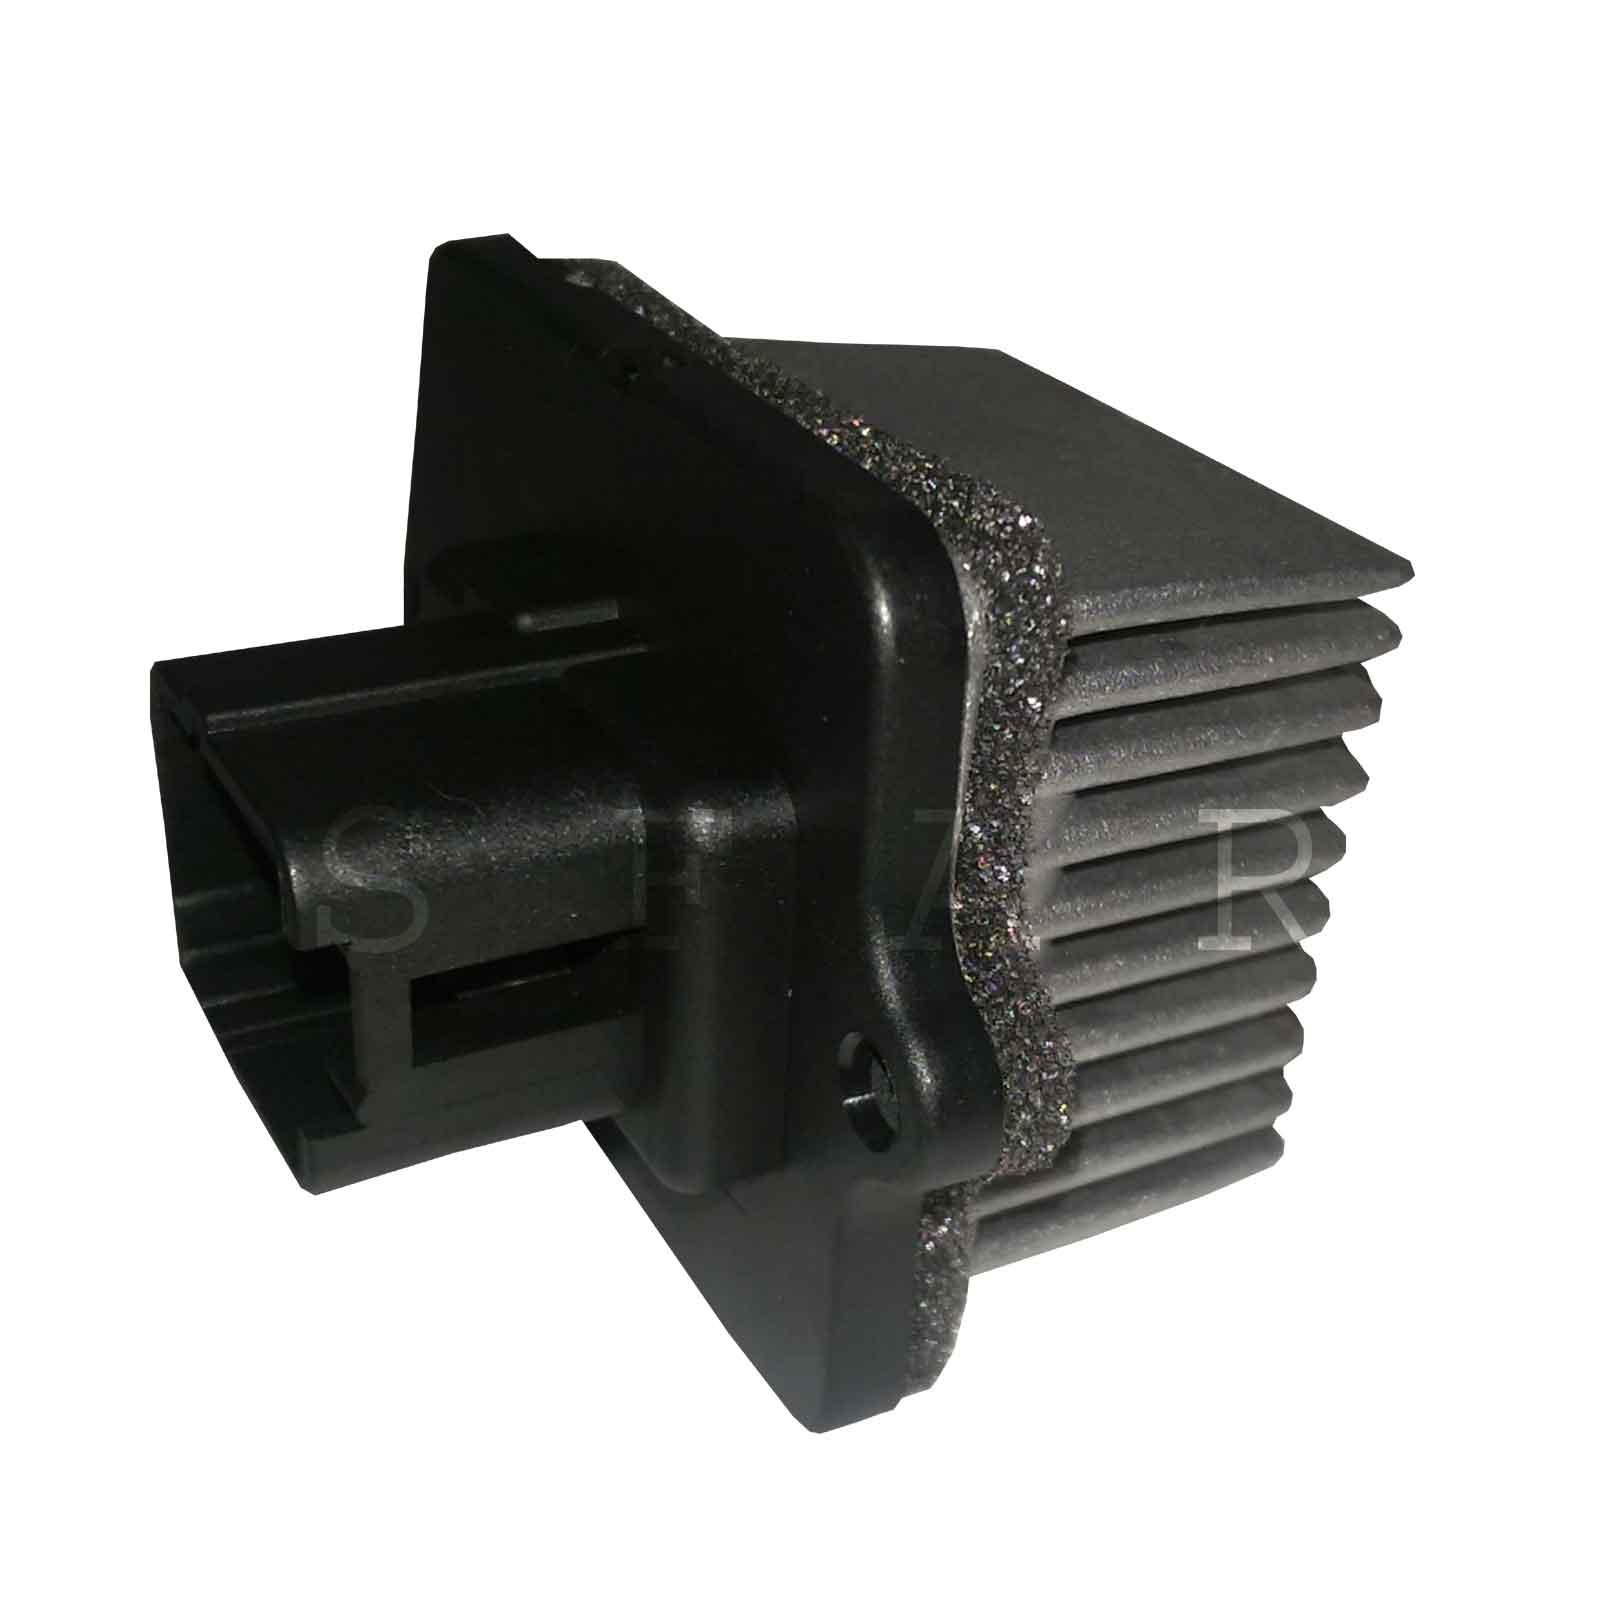 06 07 08 Suzuki Grand Vitara Blower Motor And Resistor